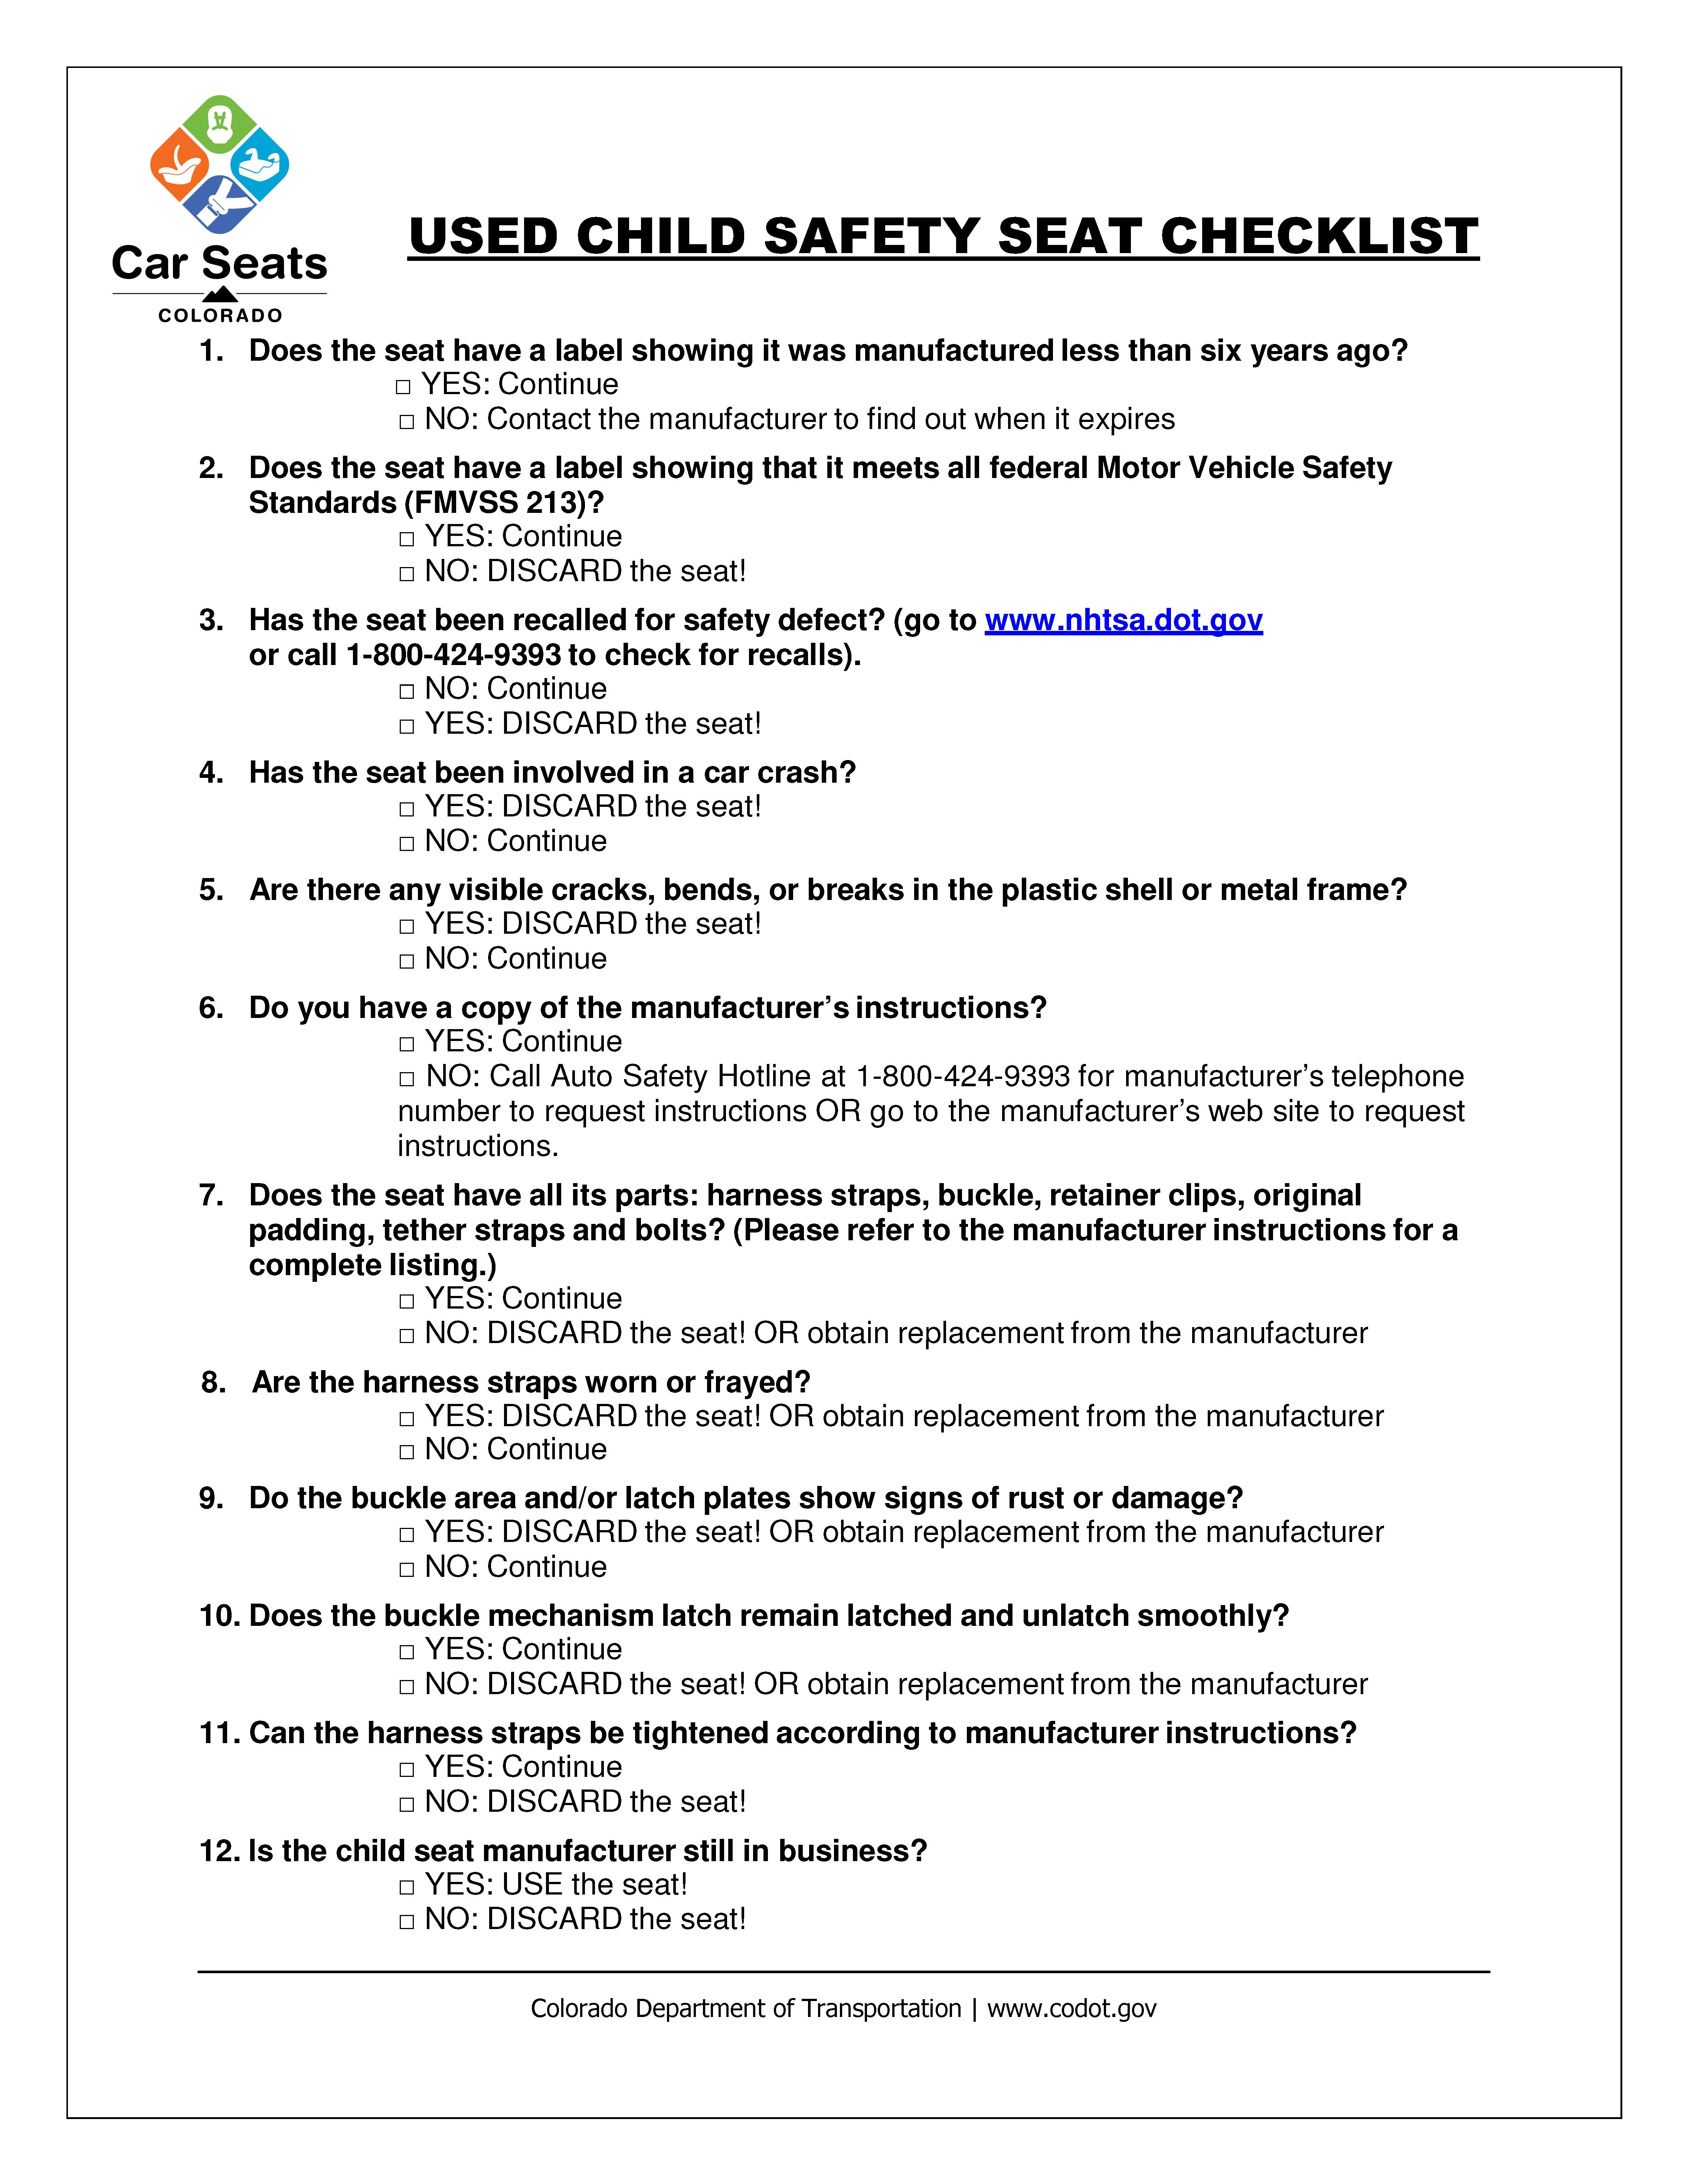 Used Car Seat Checklist